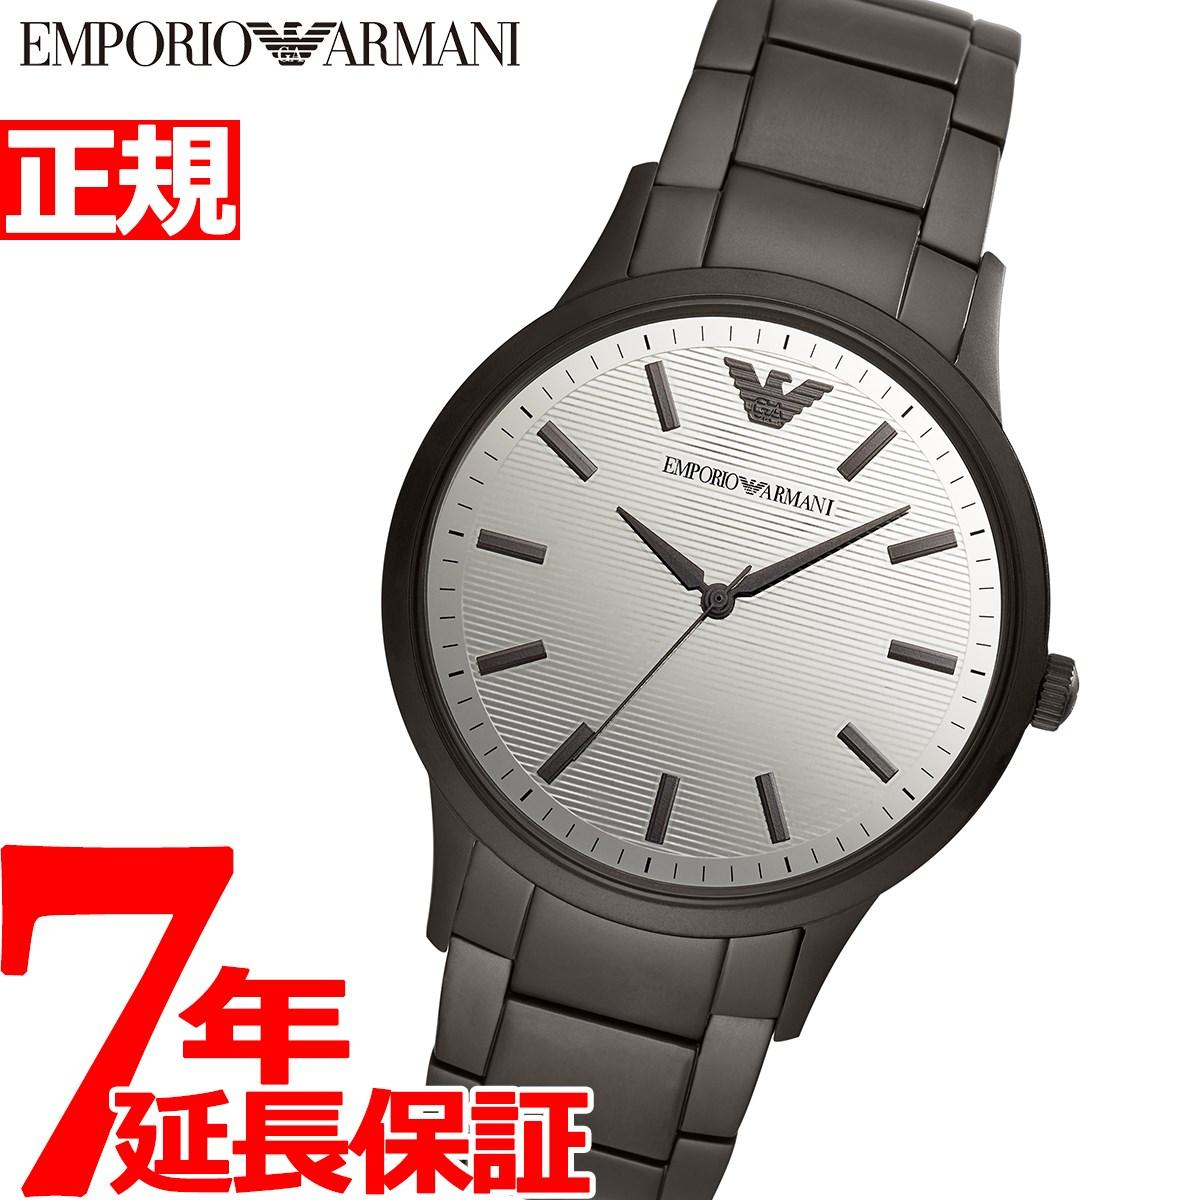 【5日0時~♪10%OFFクーポン&店内ポイント最大51倍!5日23時59分まで】エンポリオアルマーニ EMPORIO ARMANI 腕時計 メンズ AR11259